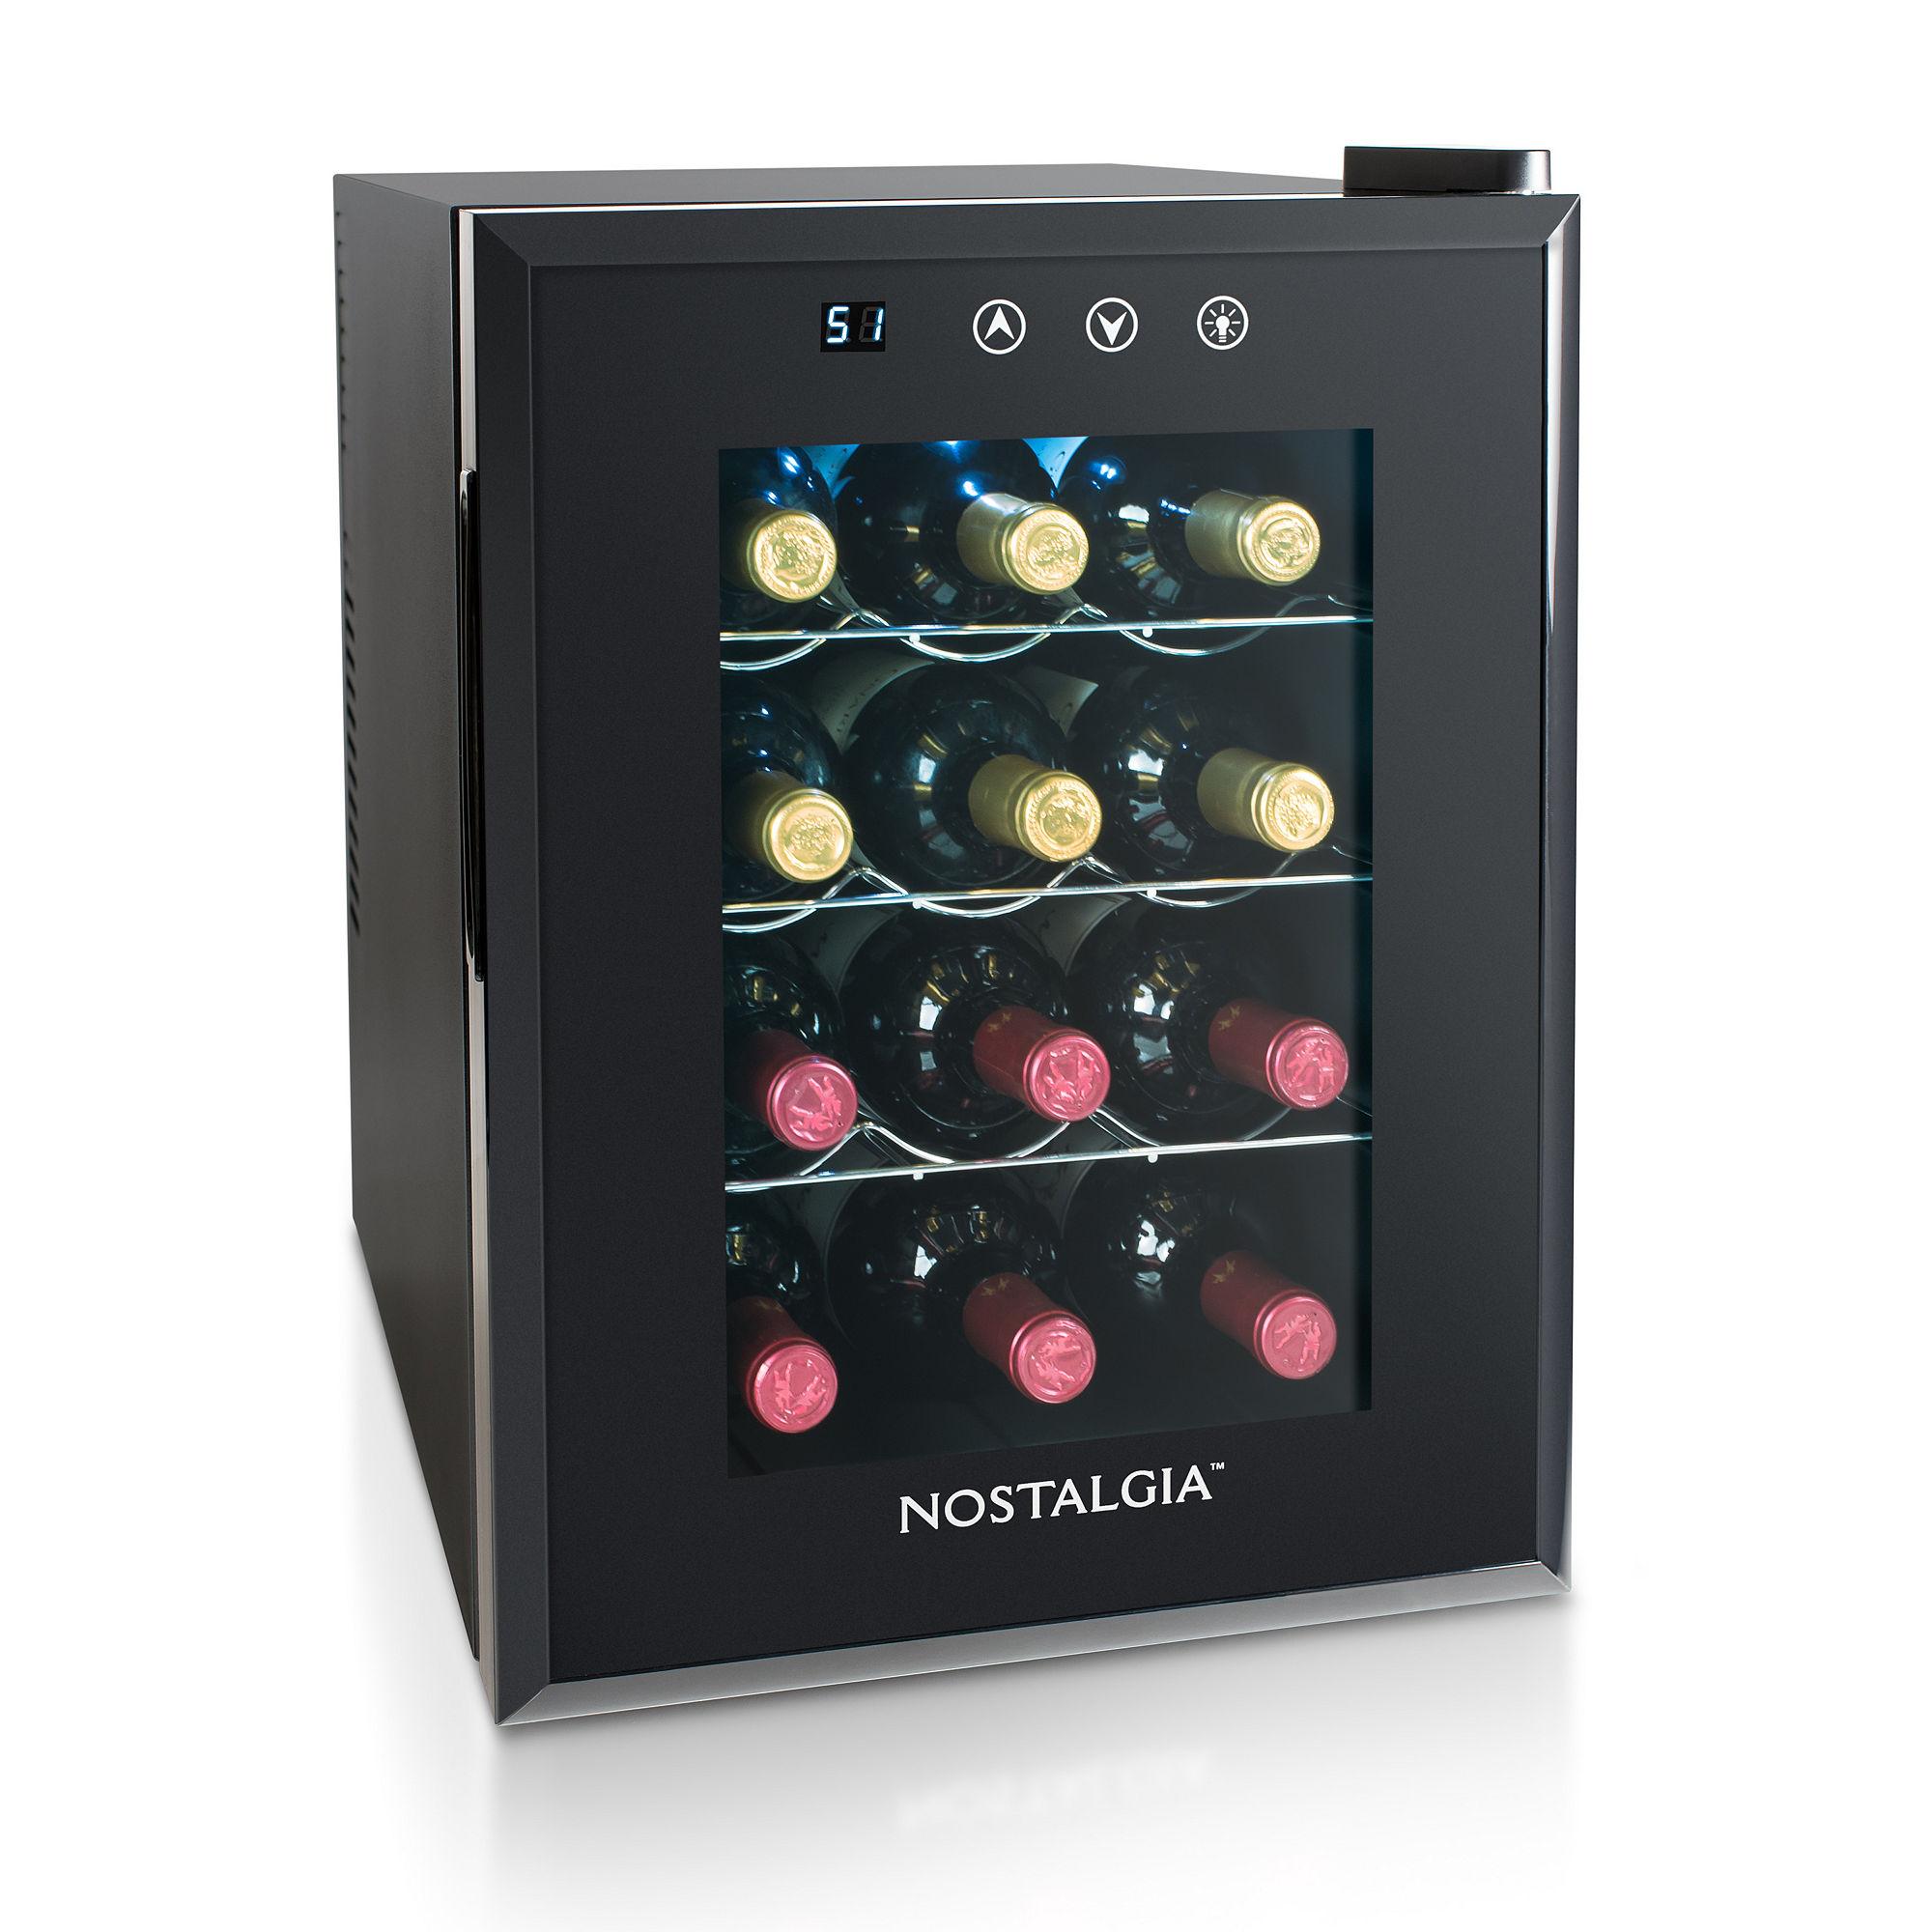 Nostalgia 12 Wine Bottles Wine Cooler - WC12BK